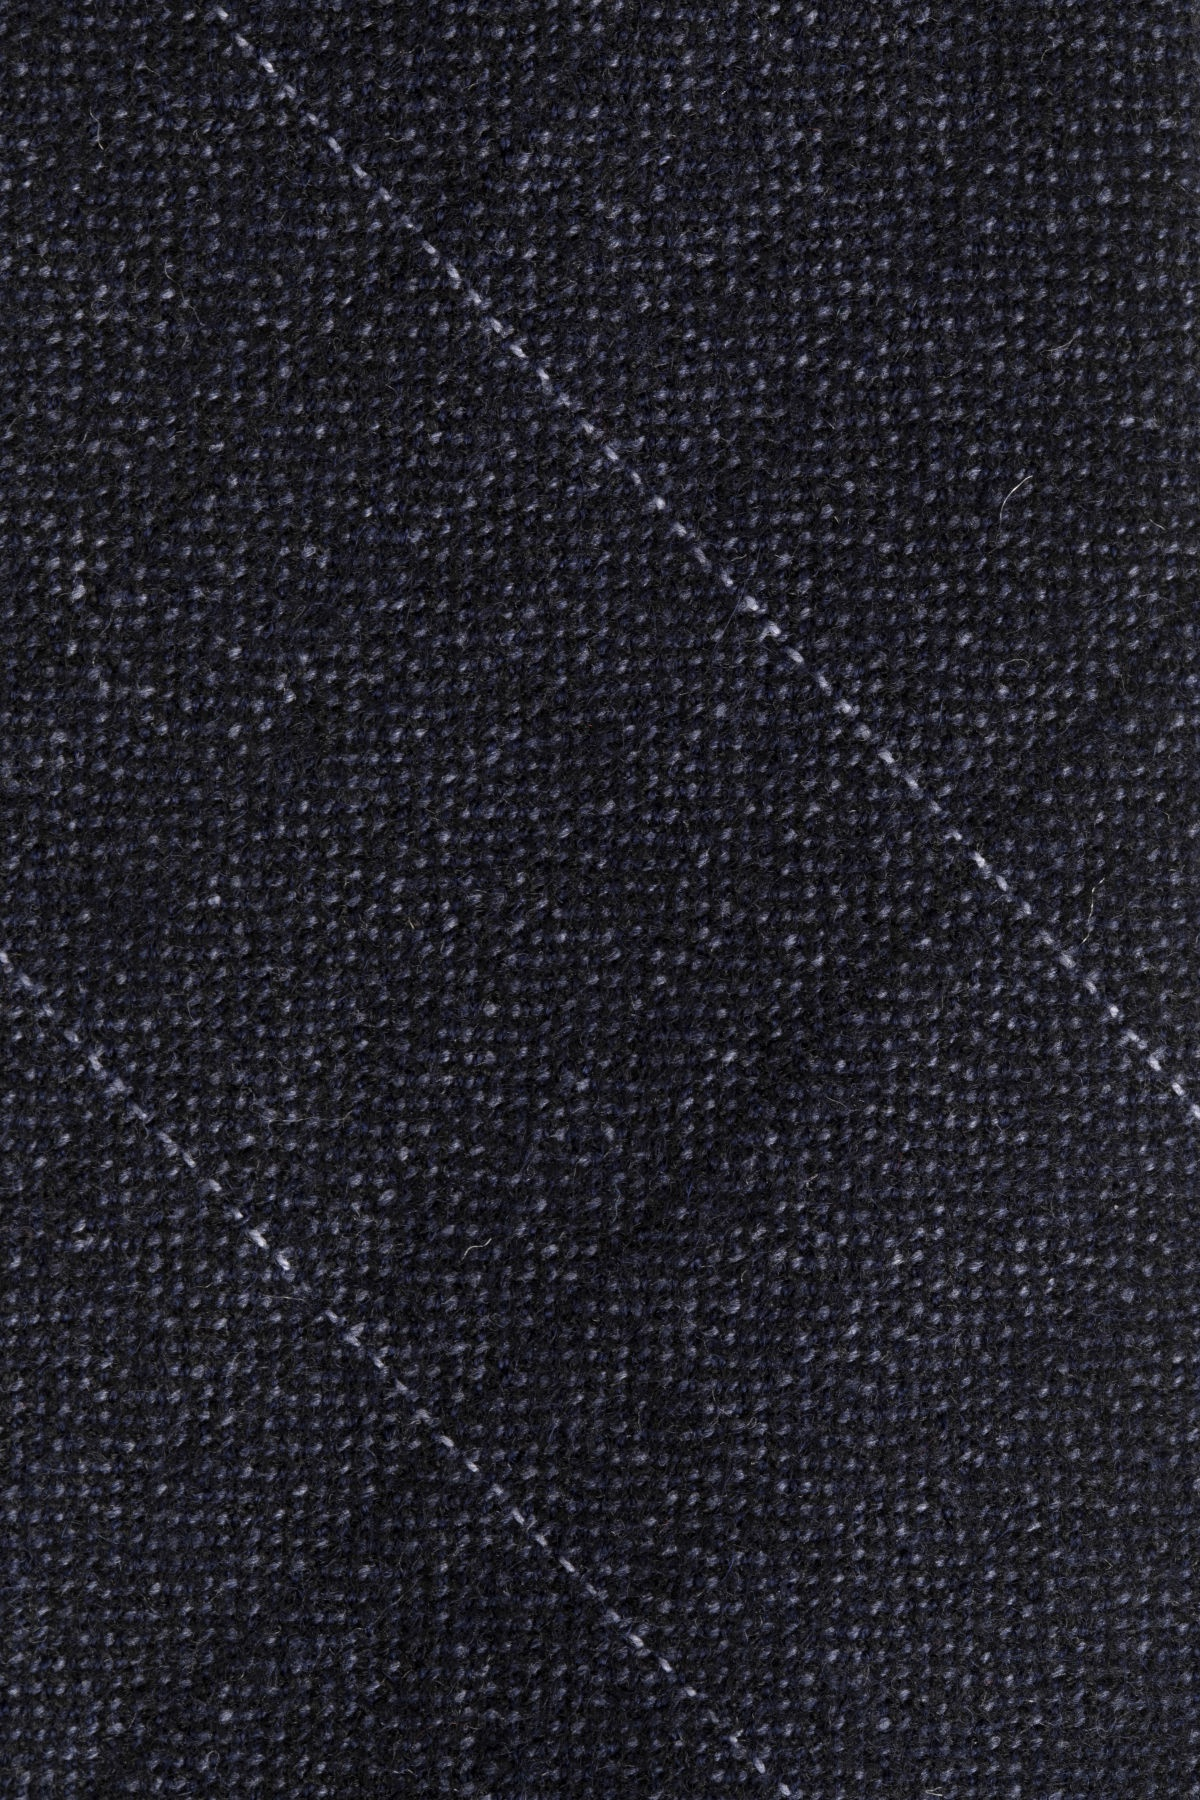 Tie DANDYISH F/W 19-20